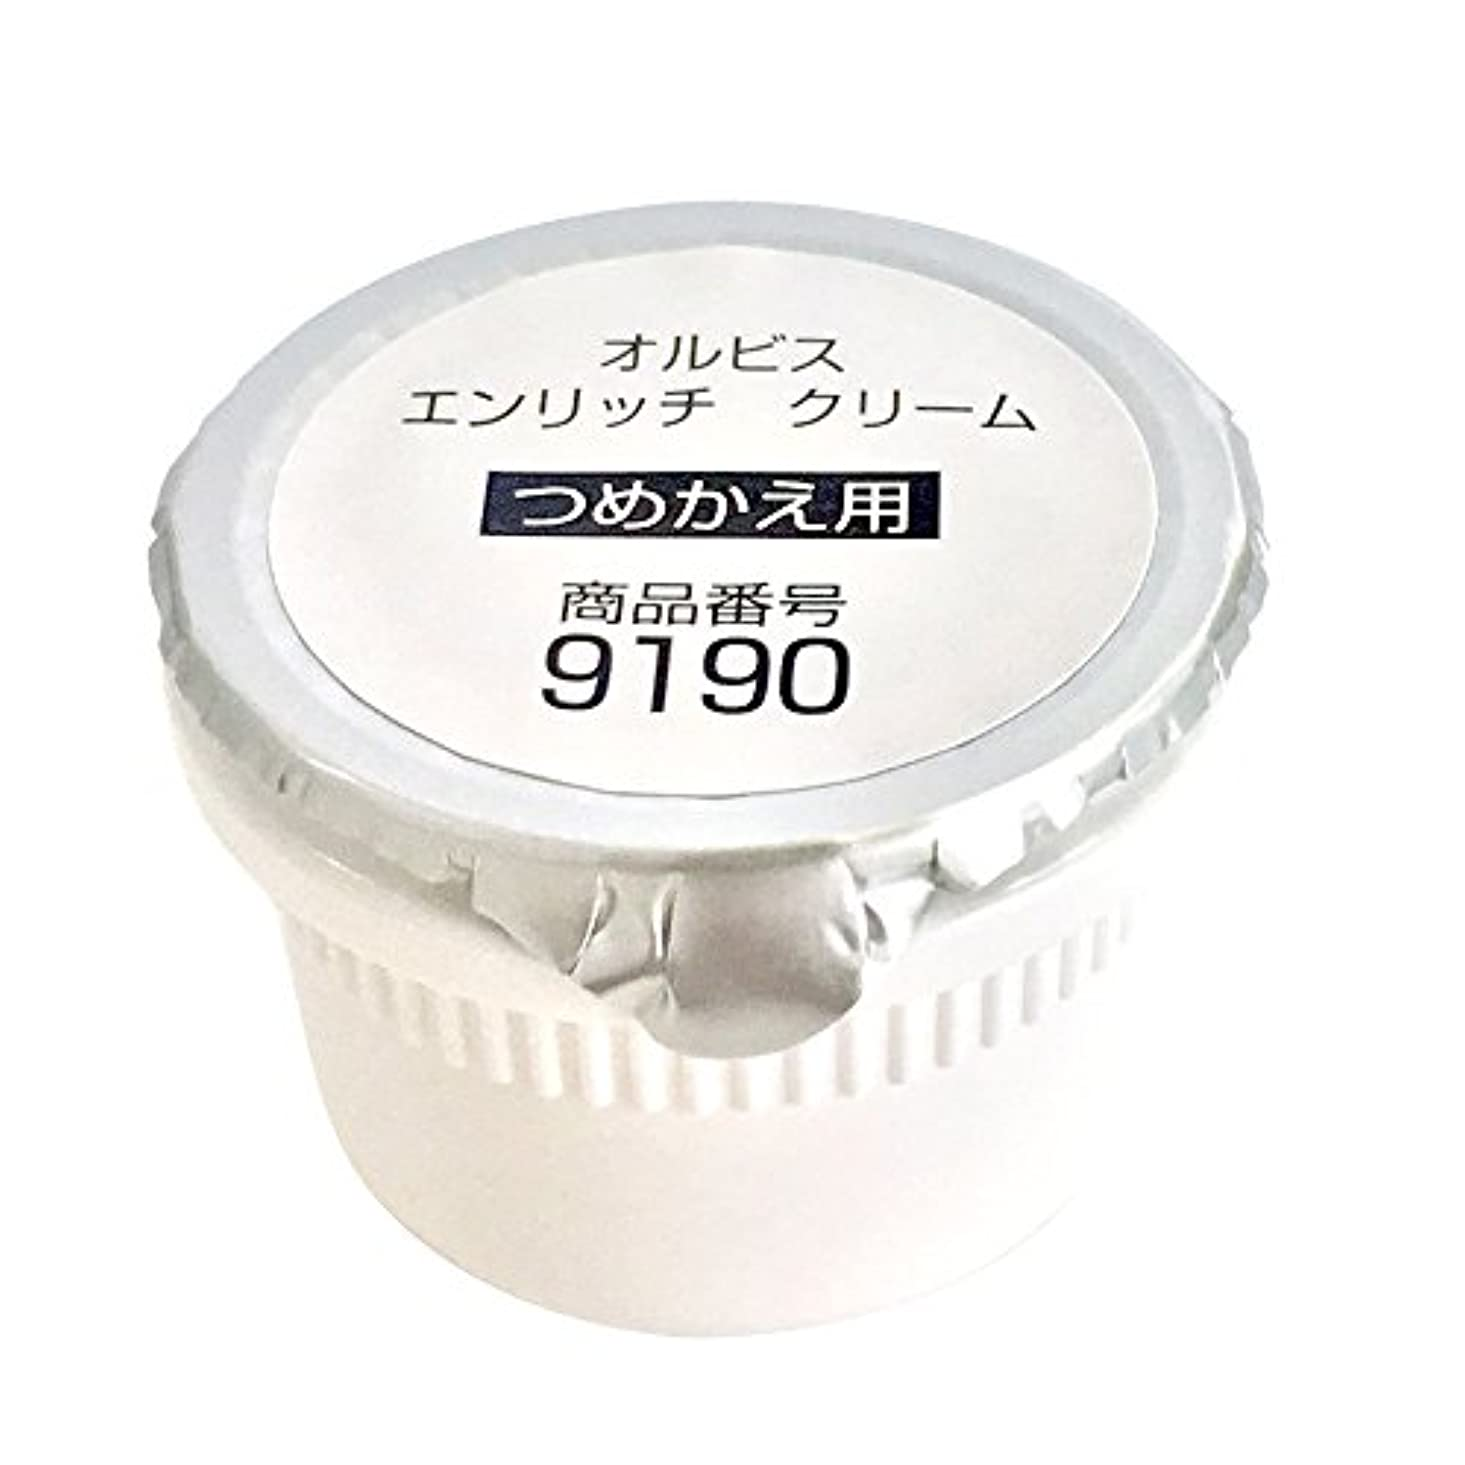 不運震える取り消すオルビス(ORBIS) エンリッチ クリーム 詰替 30g ◎エイジングケアクリーム◎